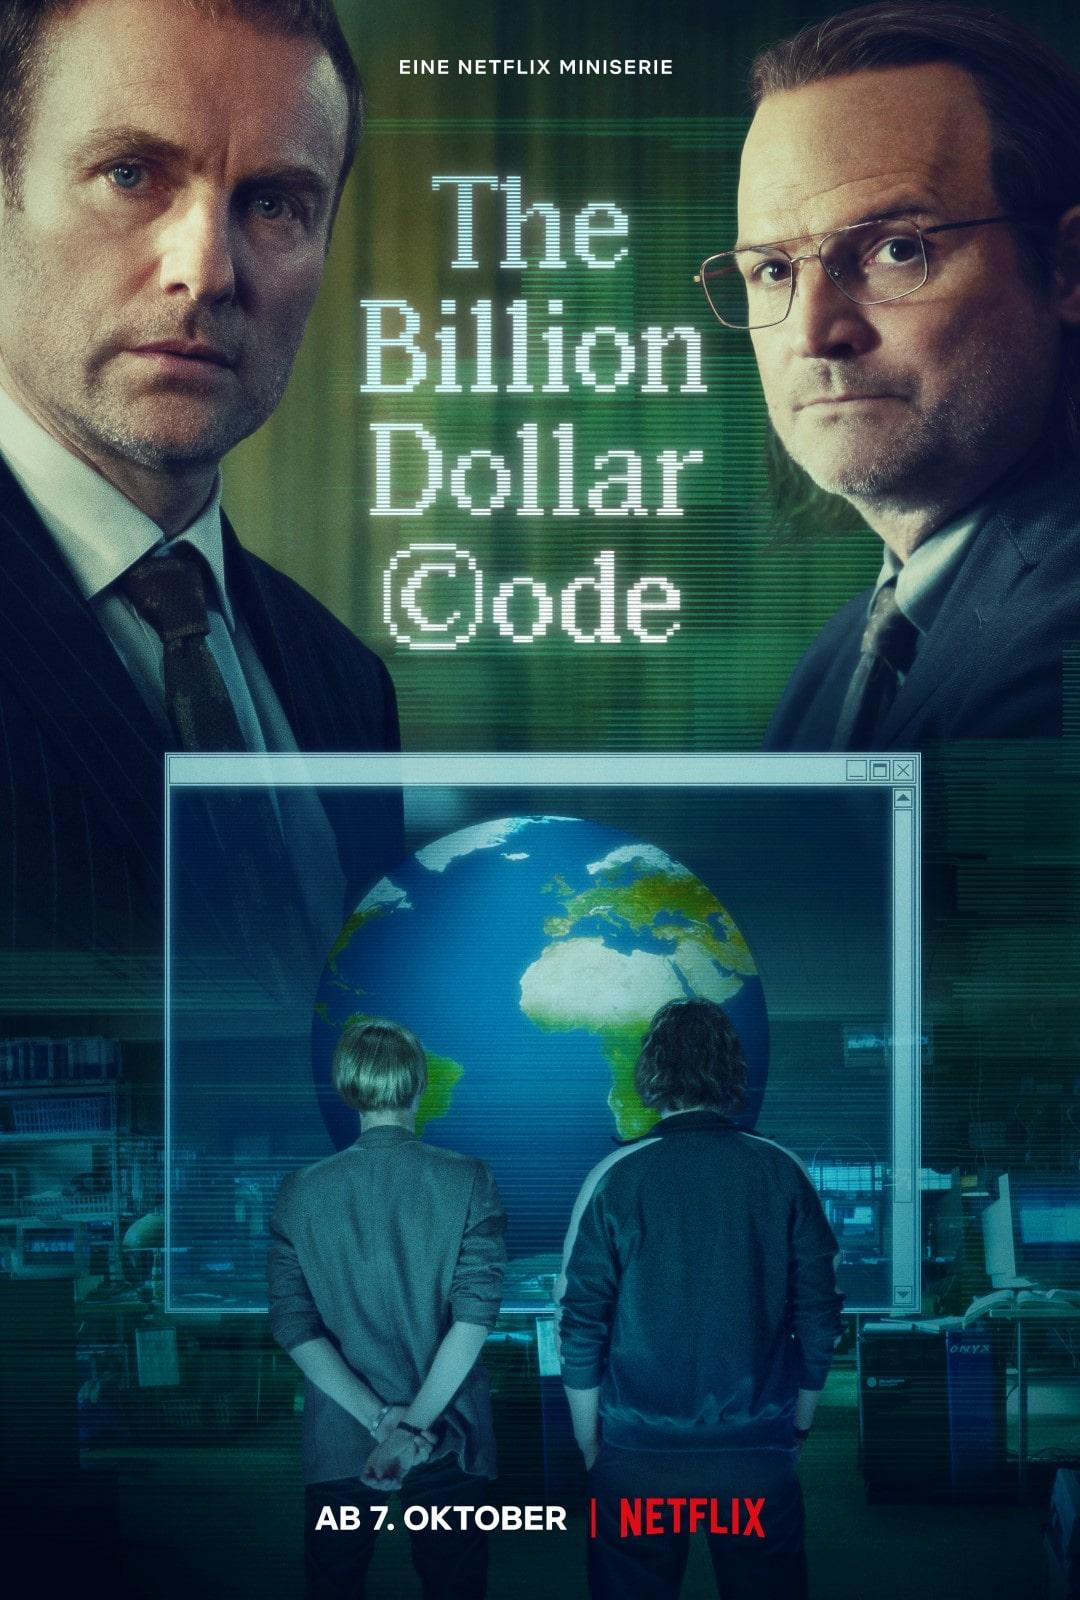 28 - The Billion Dollar Code